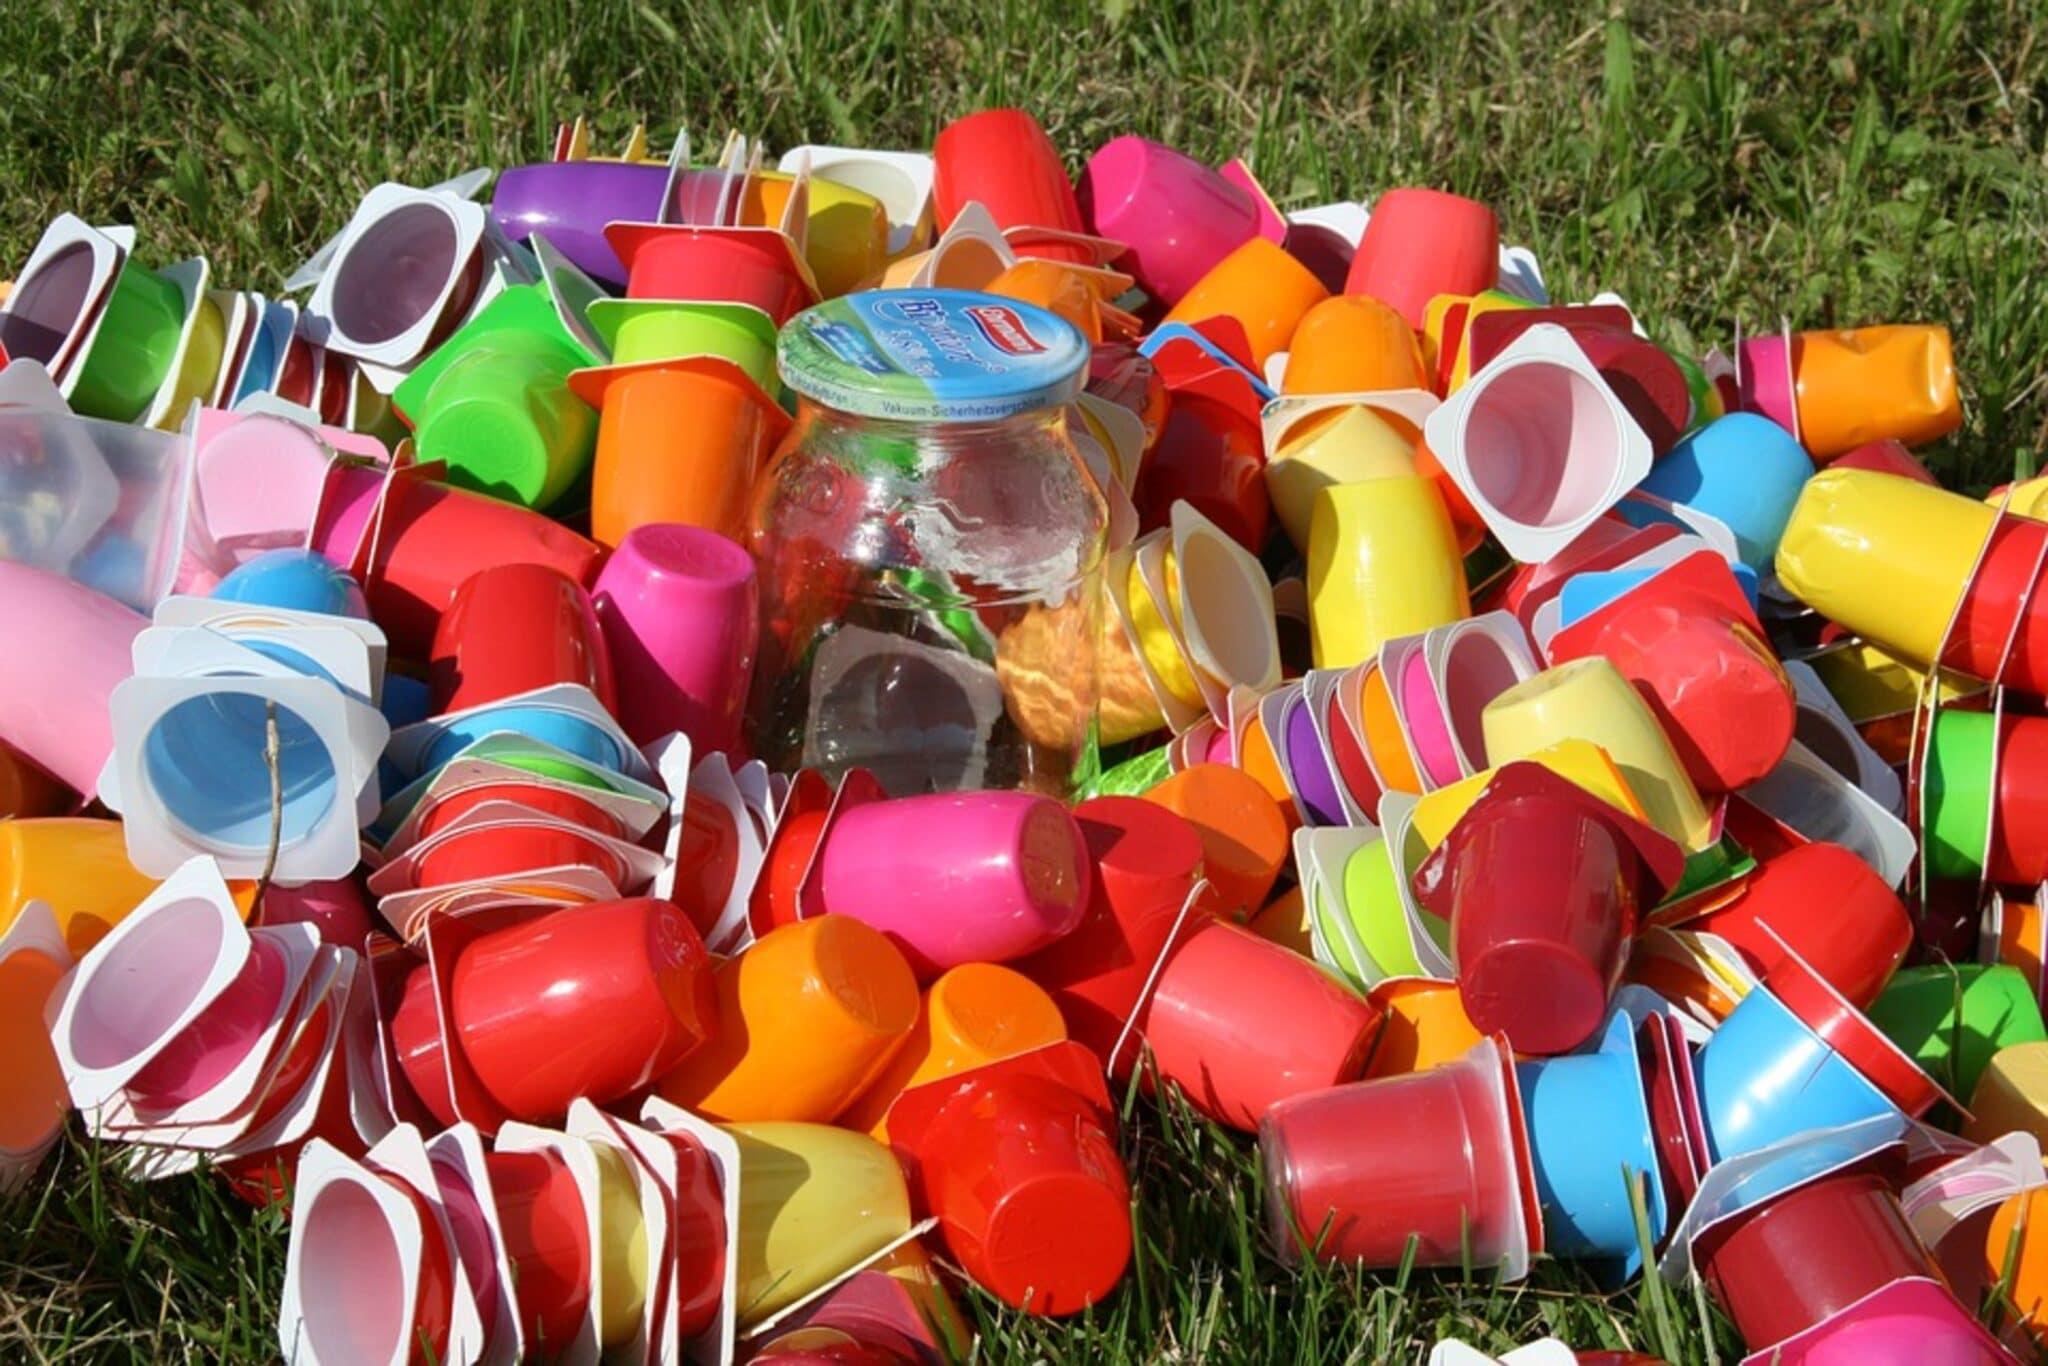 Plastica, monouso, rifiuti, divieto, normativa, ambiente, riciclo, riutilizzo, sostenibile, alternativa, prodotti, industria, riduzione, obiettivi, inquinamento, Energy Close-up Engineering